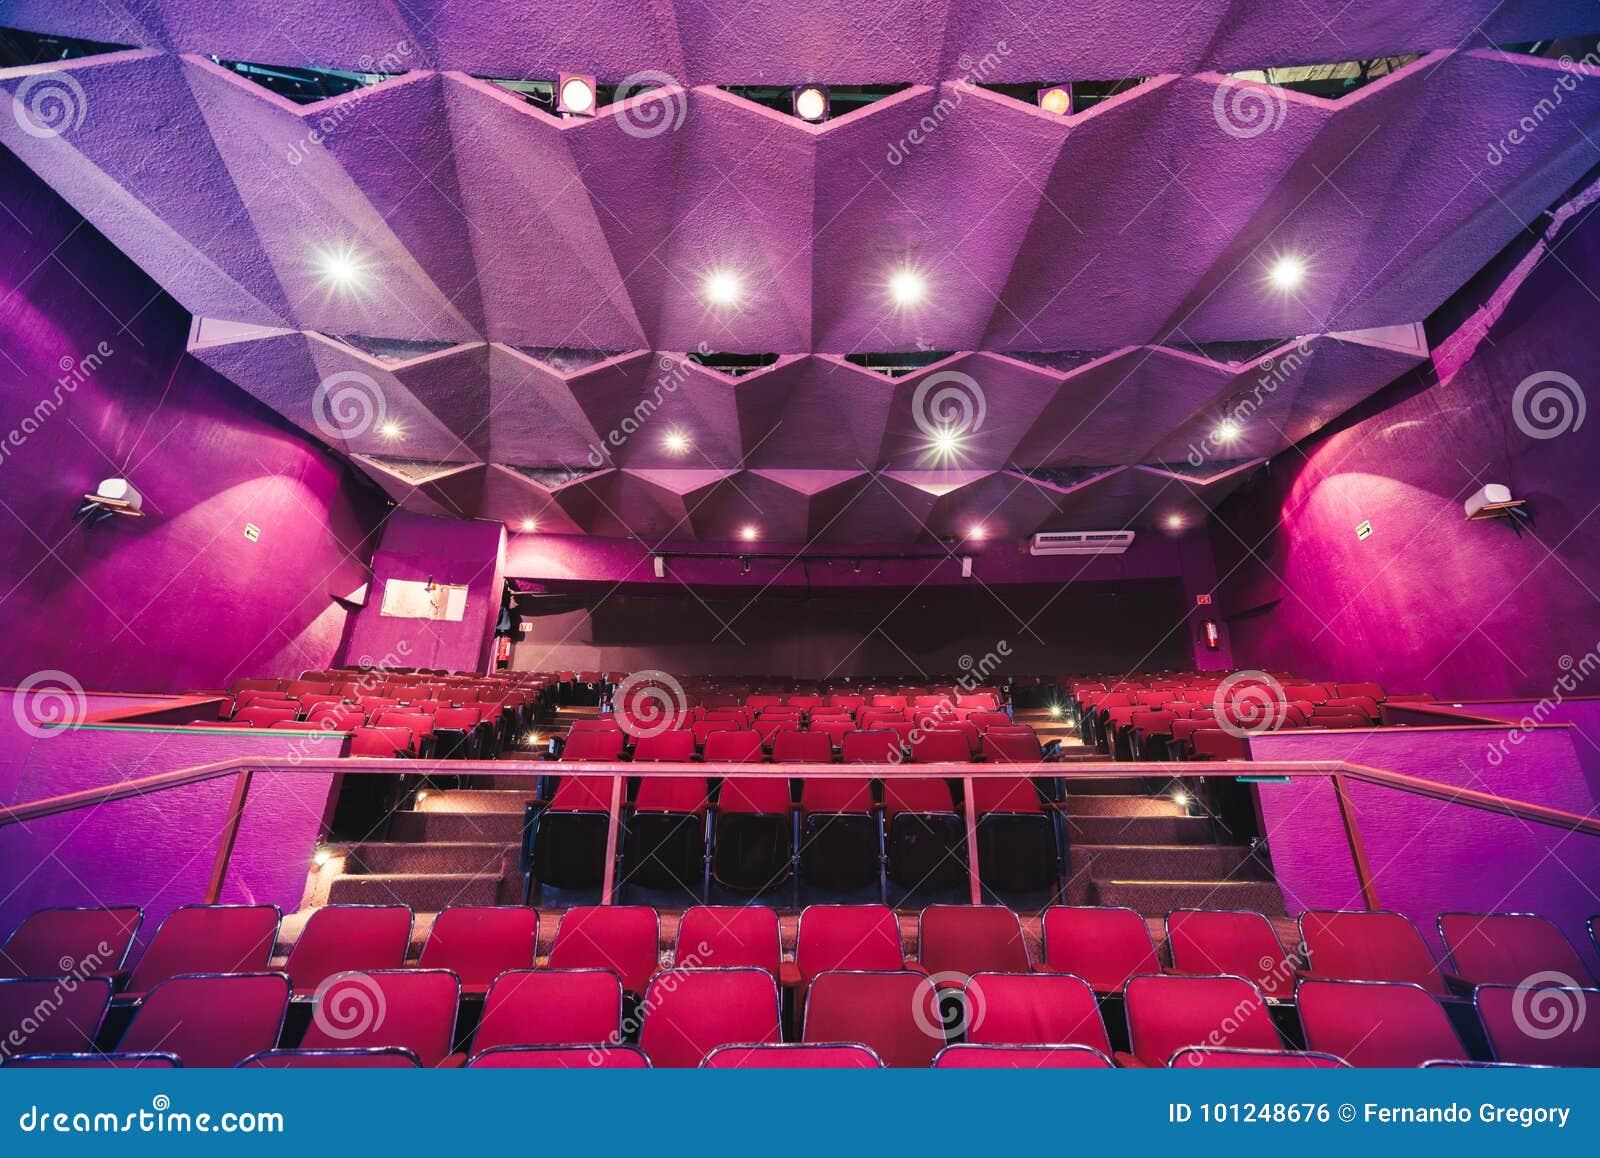 Asientos del teatro con la iluminación dramática